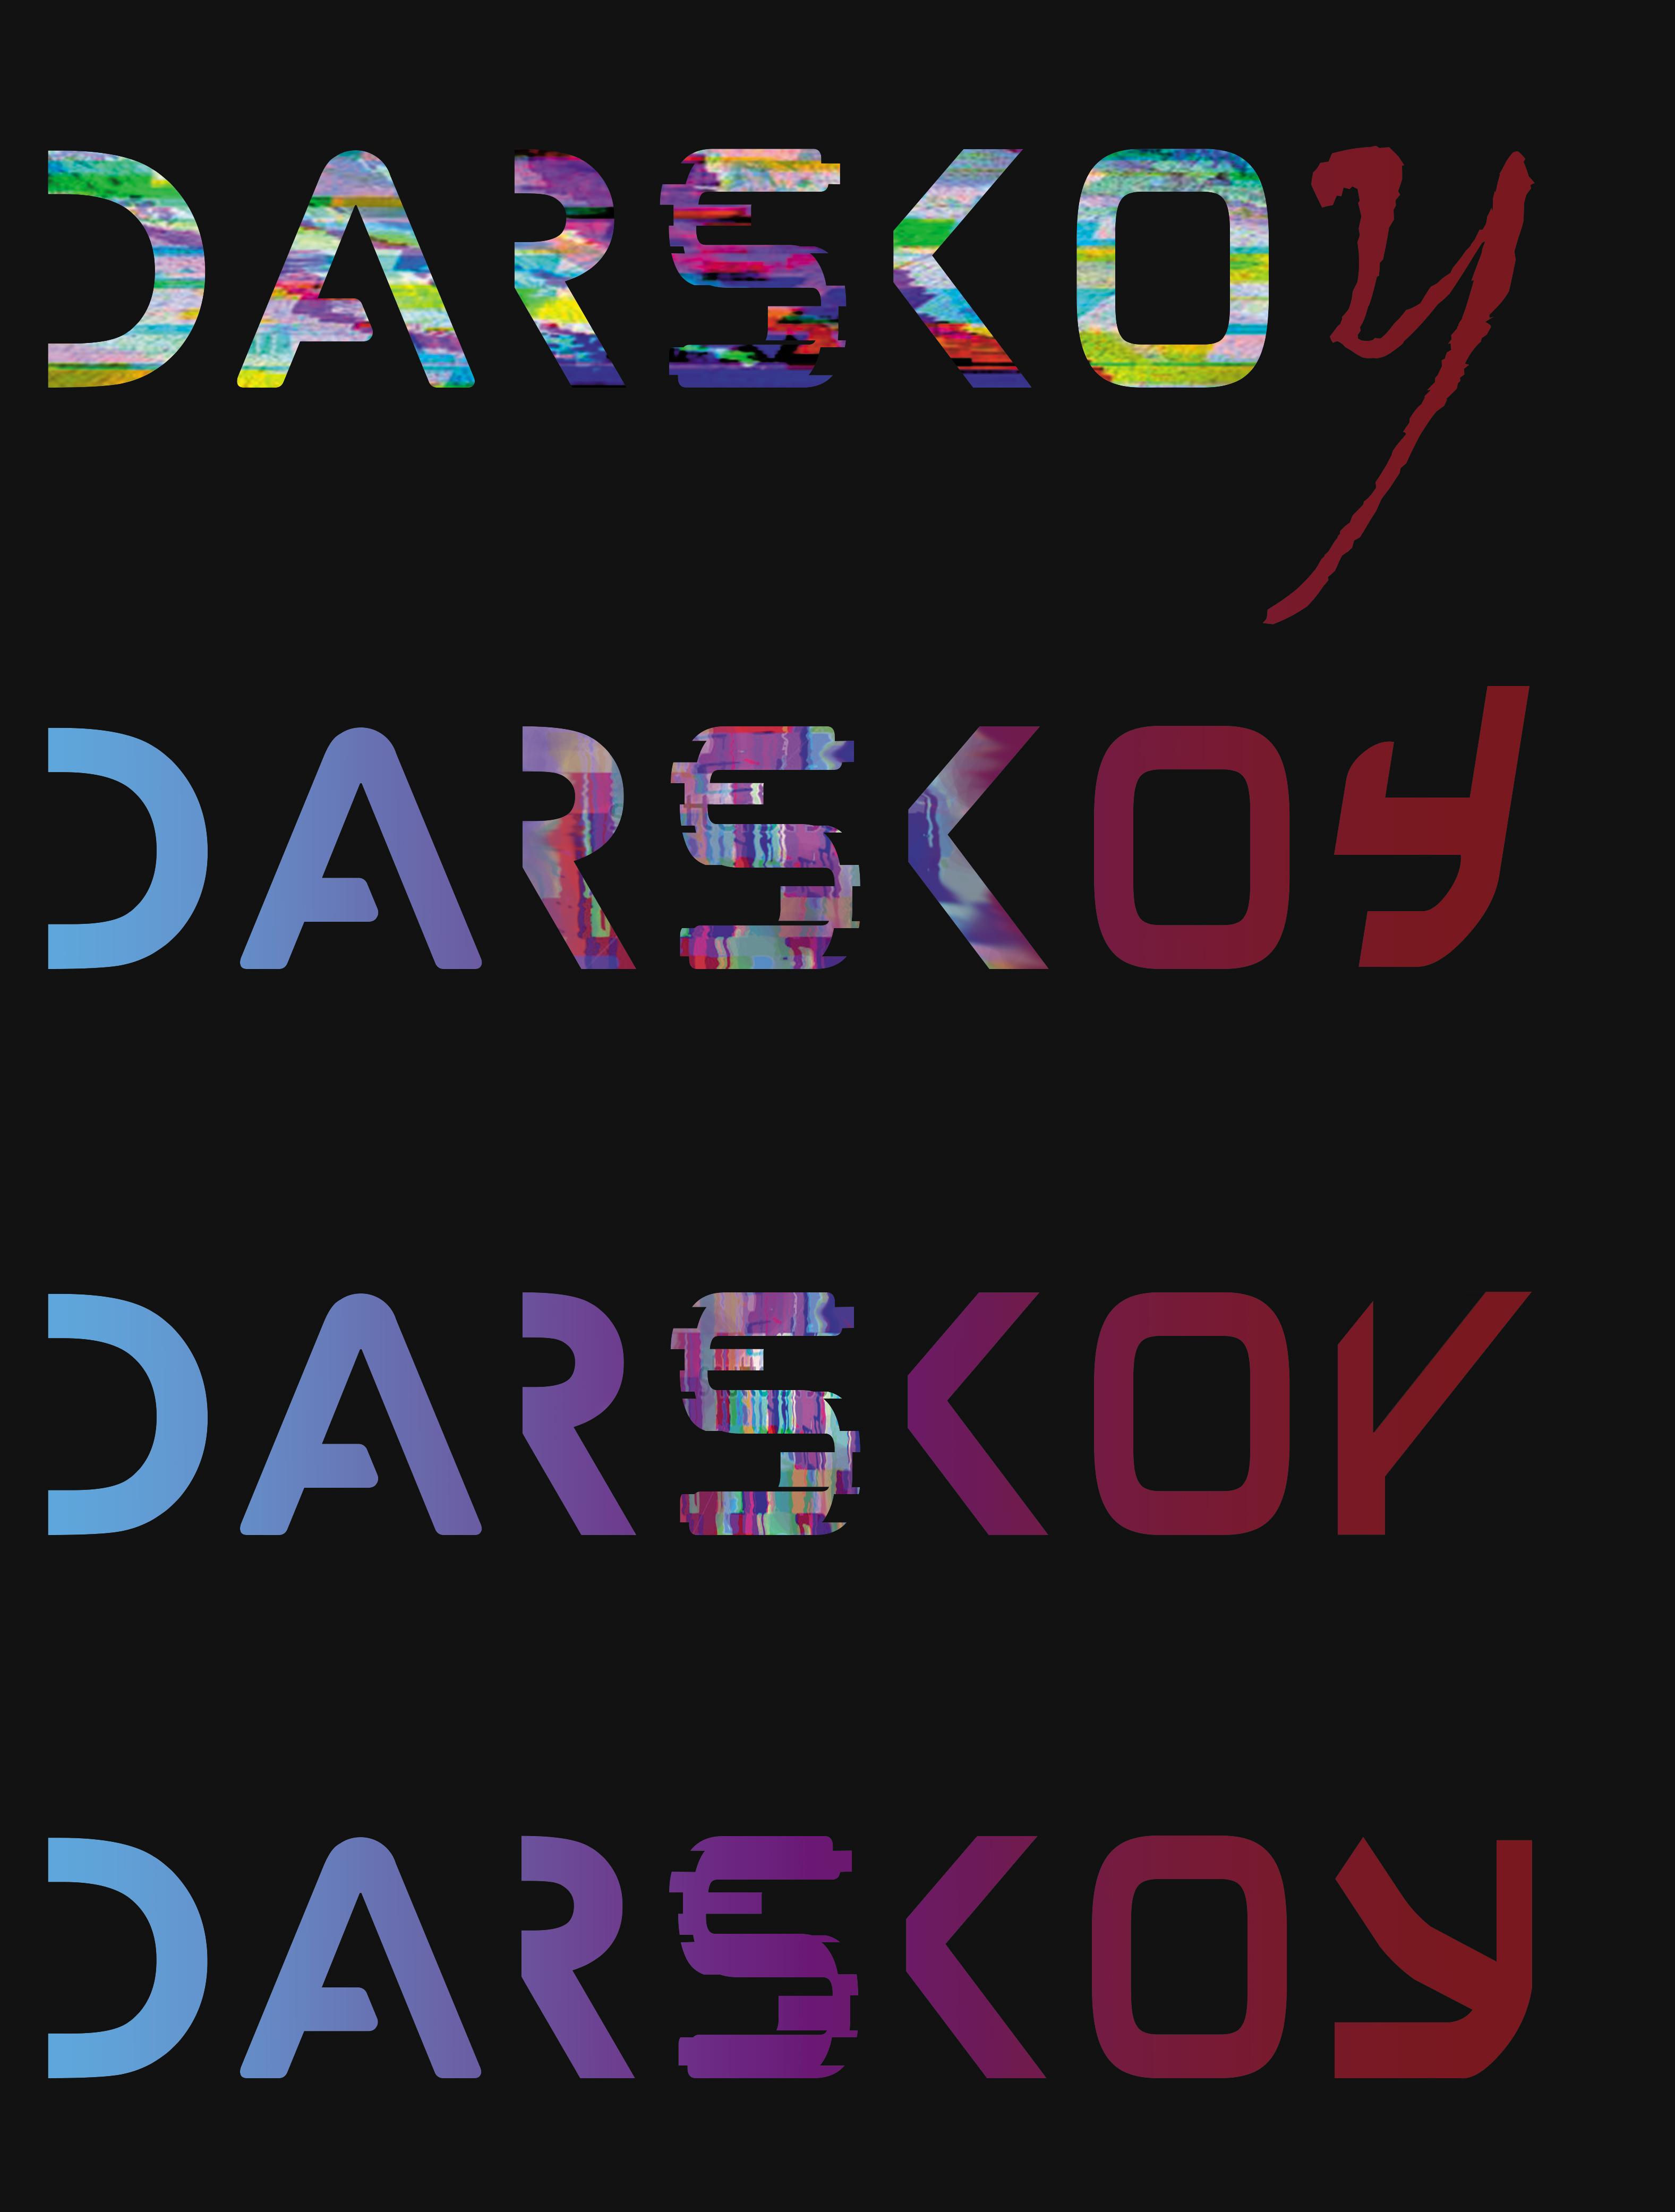 Нарисовать логотип для сольного музыкального проекта фото f_0535ba77f4163490.jpg